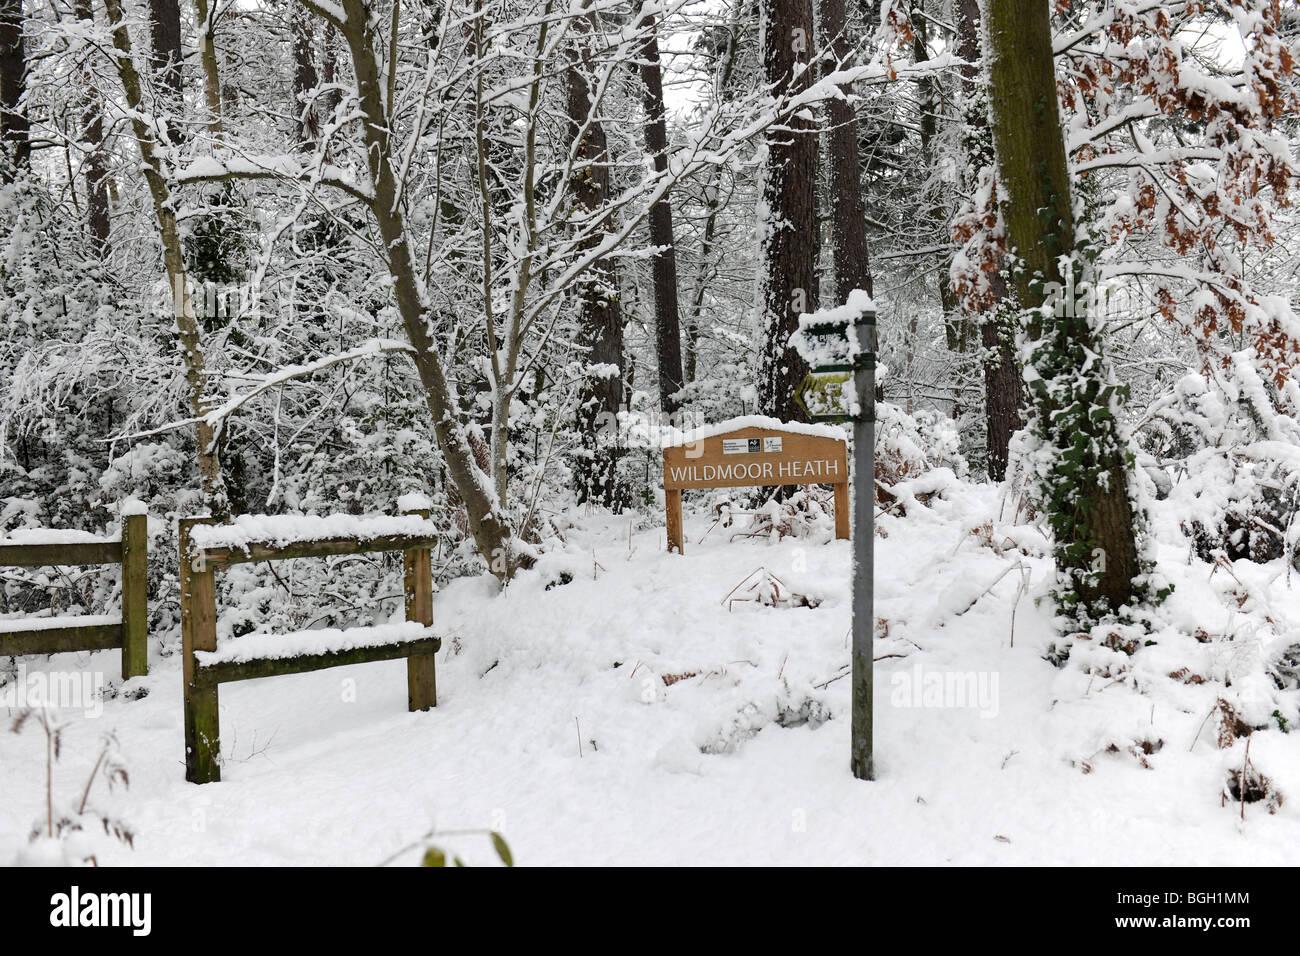 Wildmoor Heath in snow - 2 - Stock Image